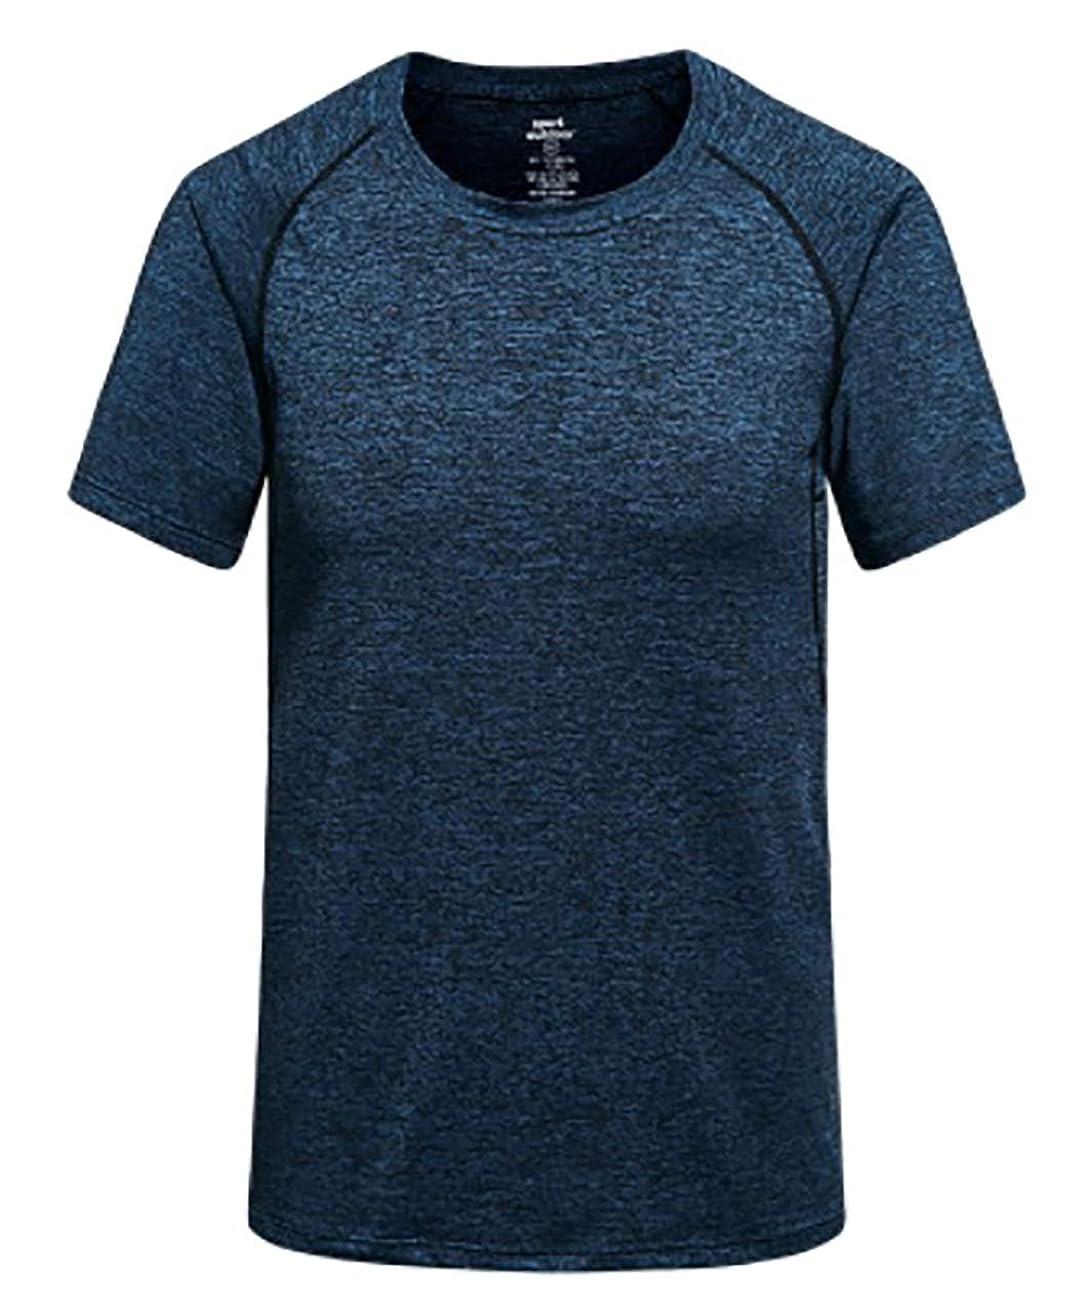 速度嫌いとティーム[ジェームズ?スクエア] メンズ 速乾 ドライ Tシャツ スポーツ トレーニング シャツ 半袖